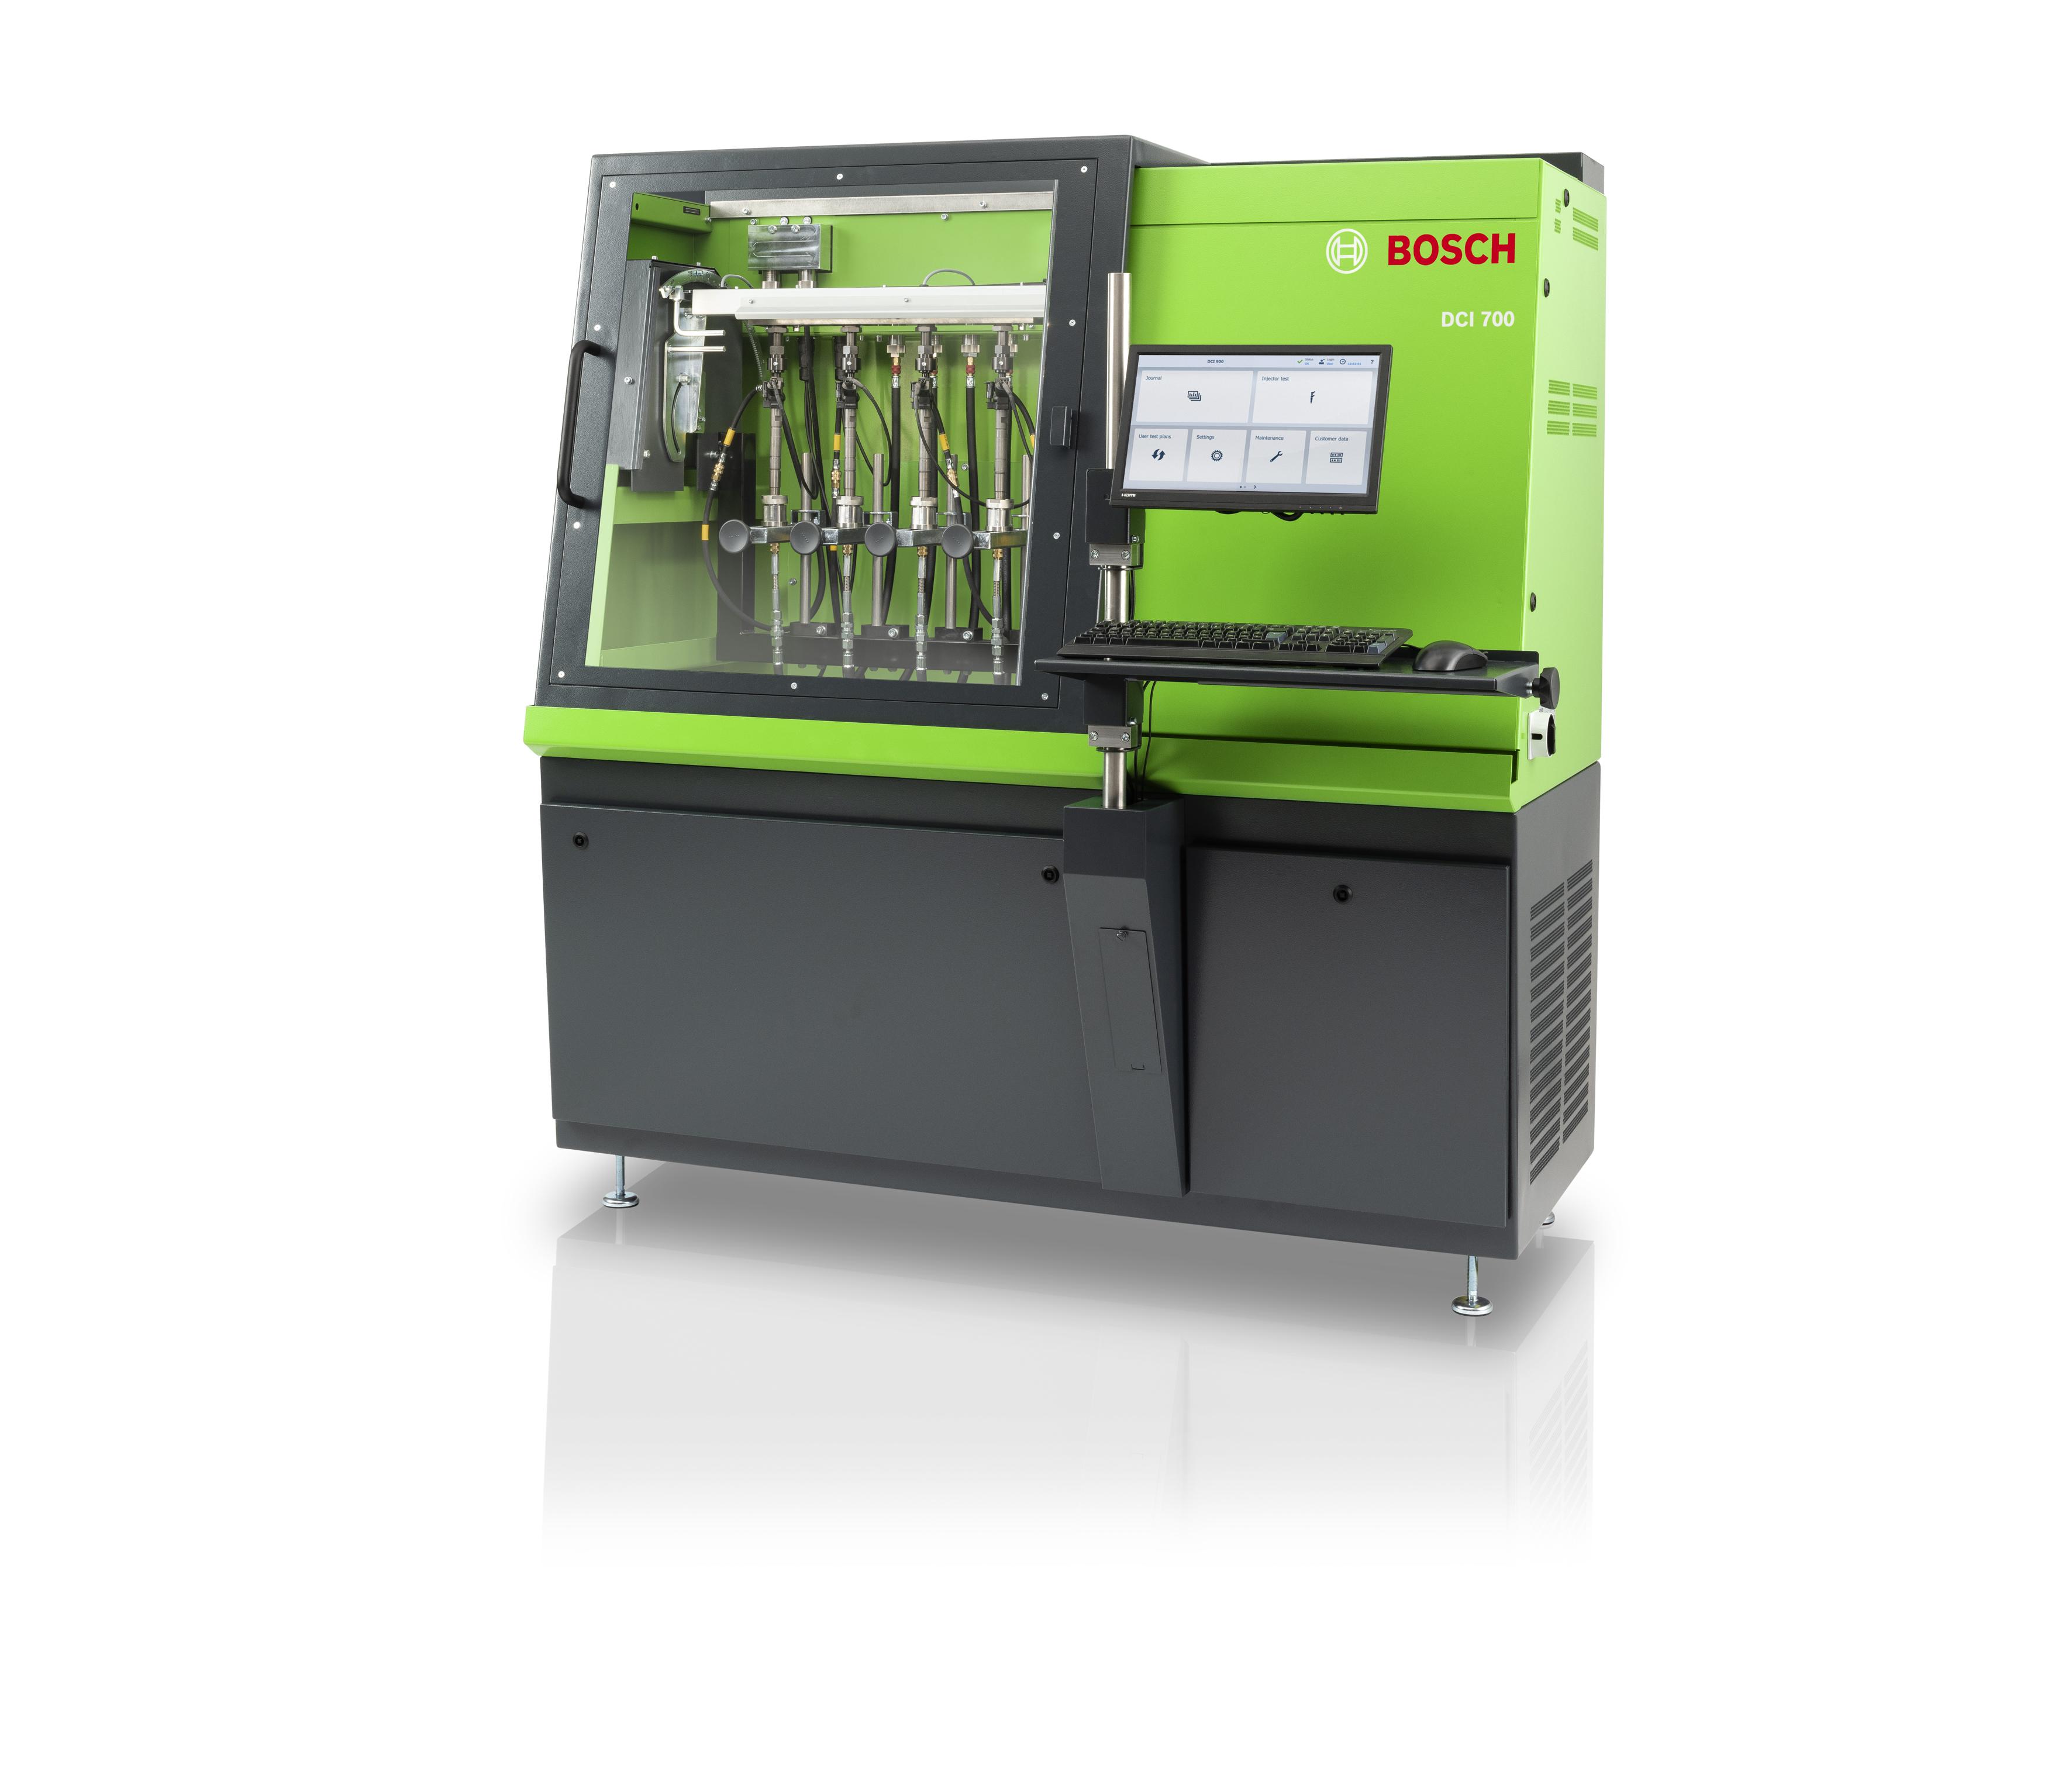 Banco prova diesel Bosch DCI 700 adeguato alle esigenze future grazie al nuovo sistema di misurazione per le più recenti tecnologie di iniettori